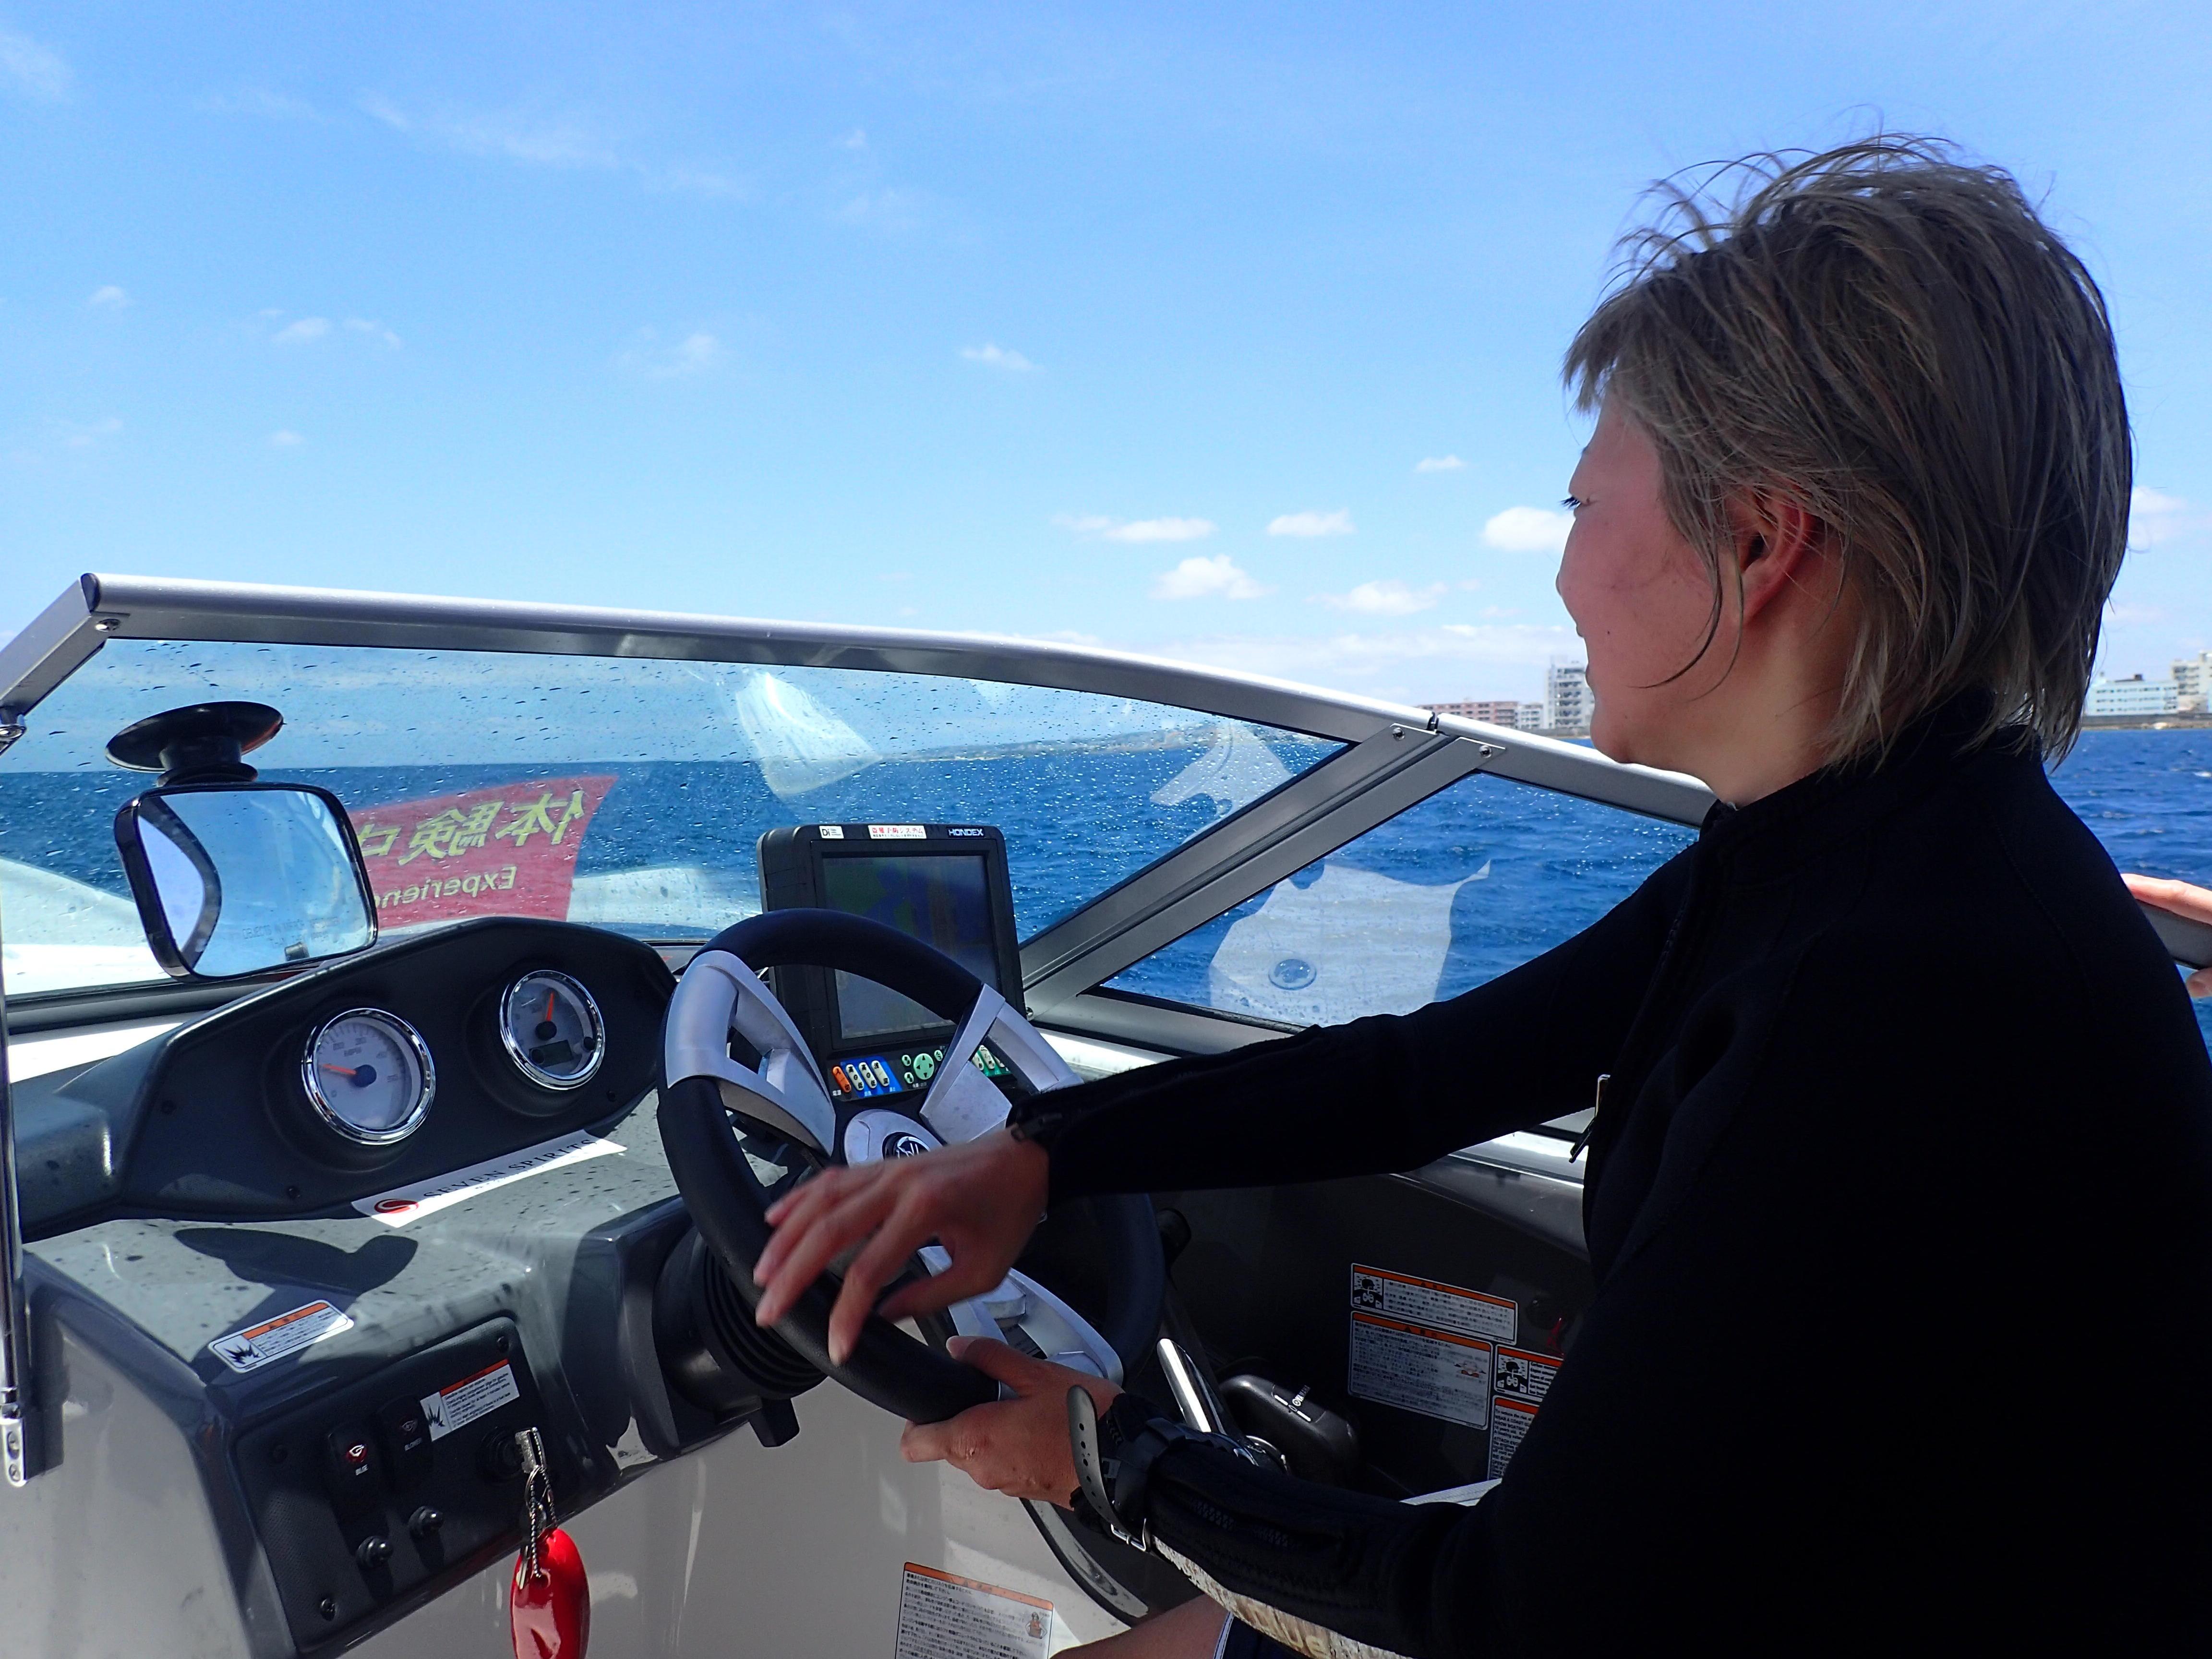 【北谷海上散歩】ボートちょい乗り遊覧(1時間)